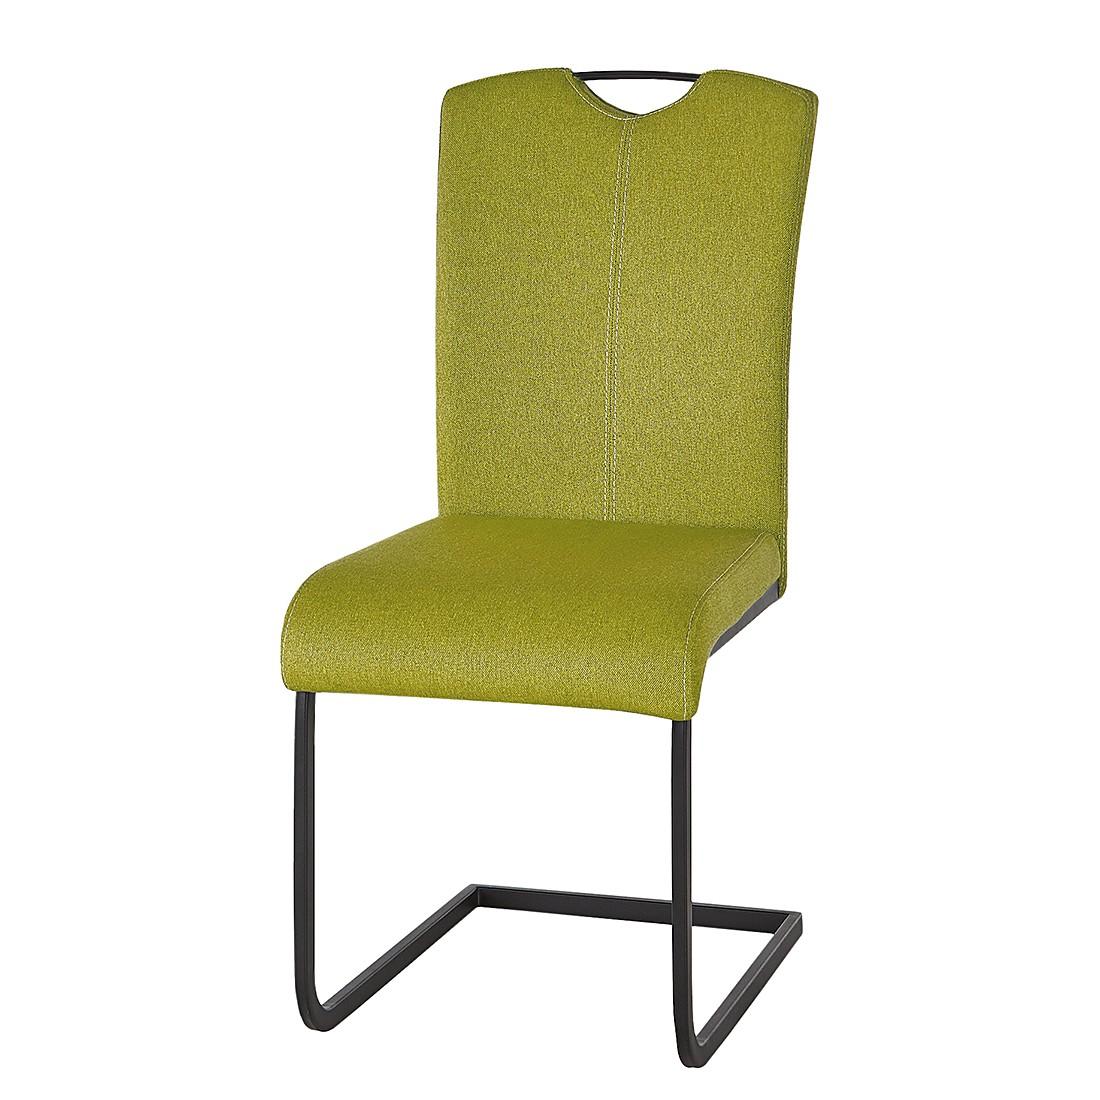 Freischwinger Ranaa (2er-Set) – Webstoff Grün, Studio Monroe günstig kaufen